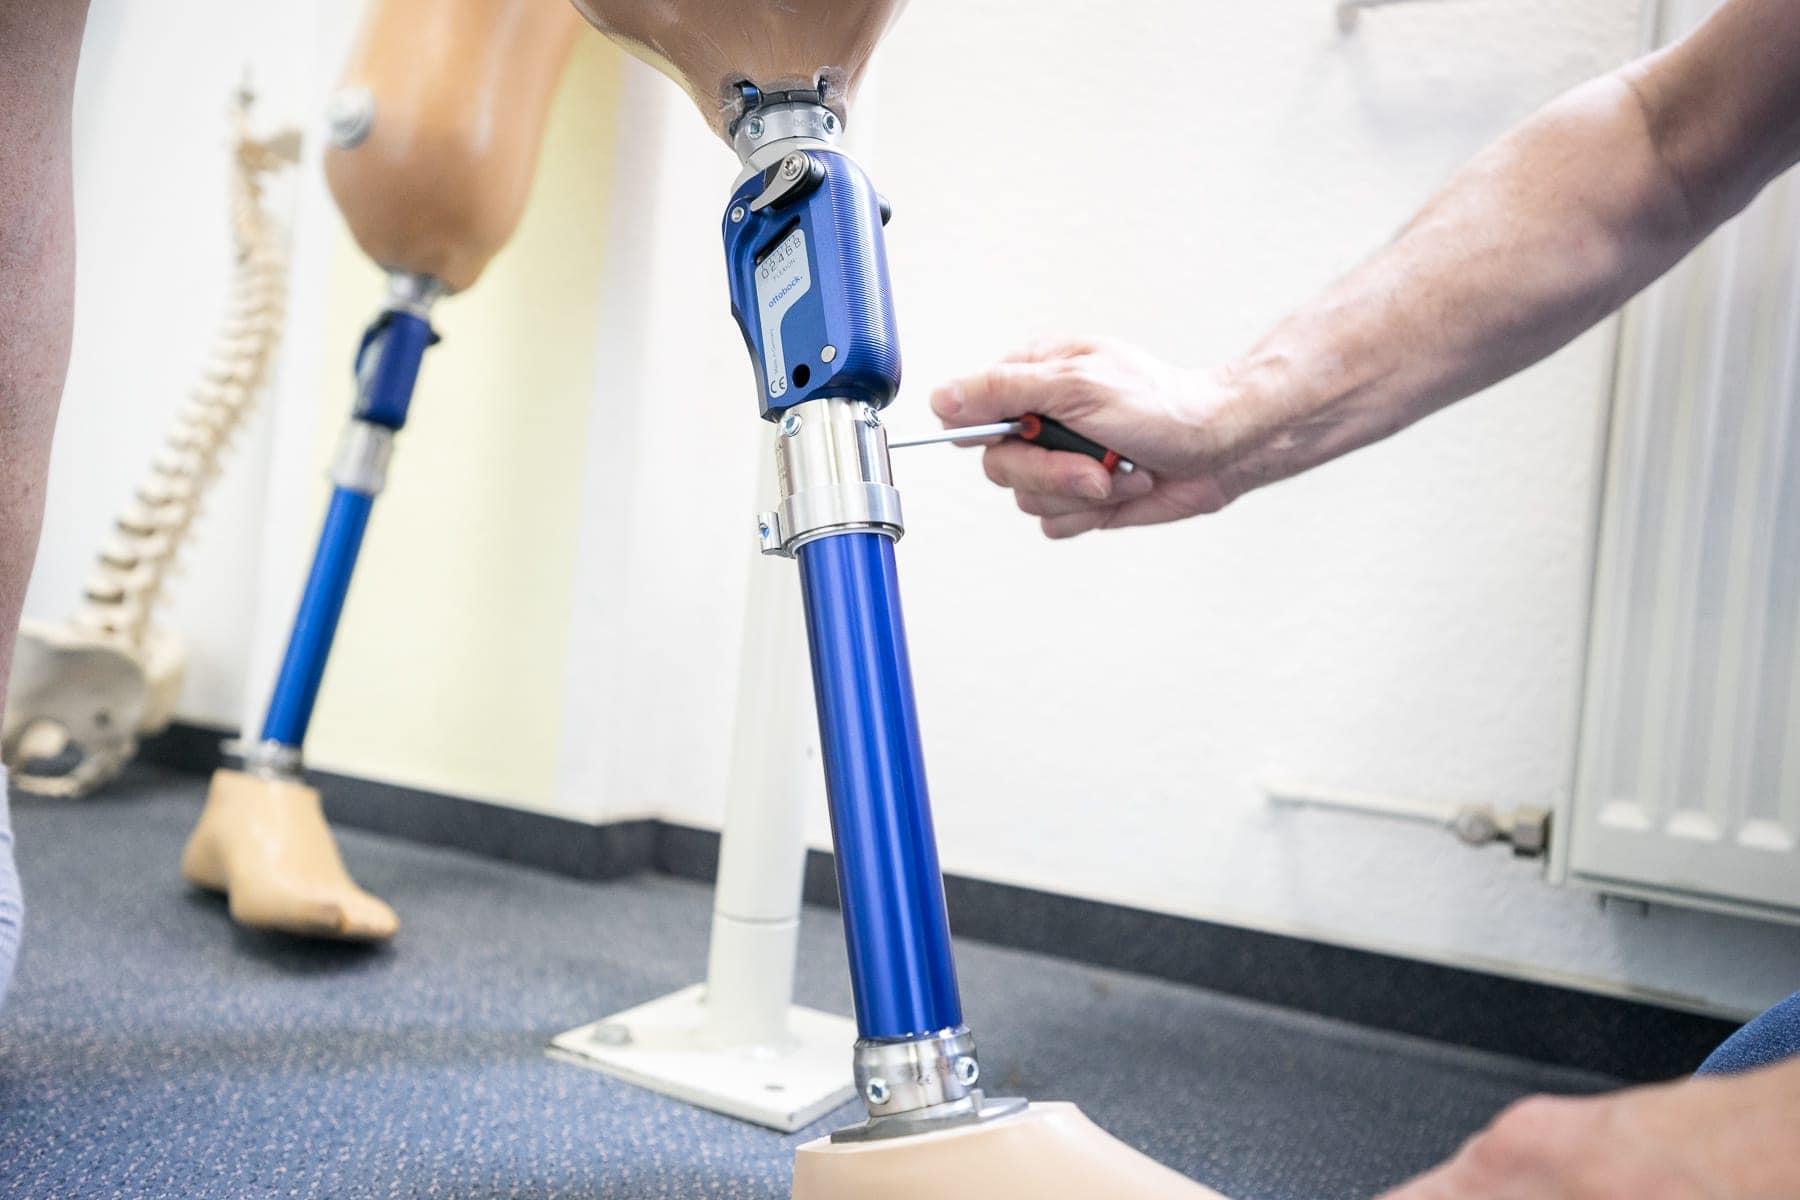 Prothese wird eingestellt